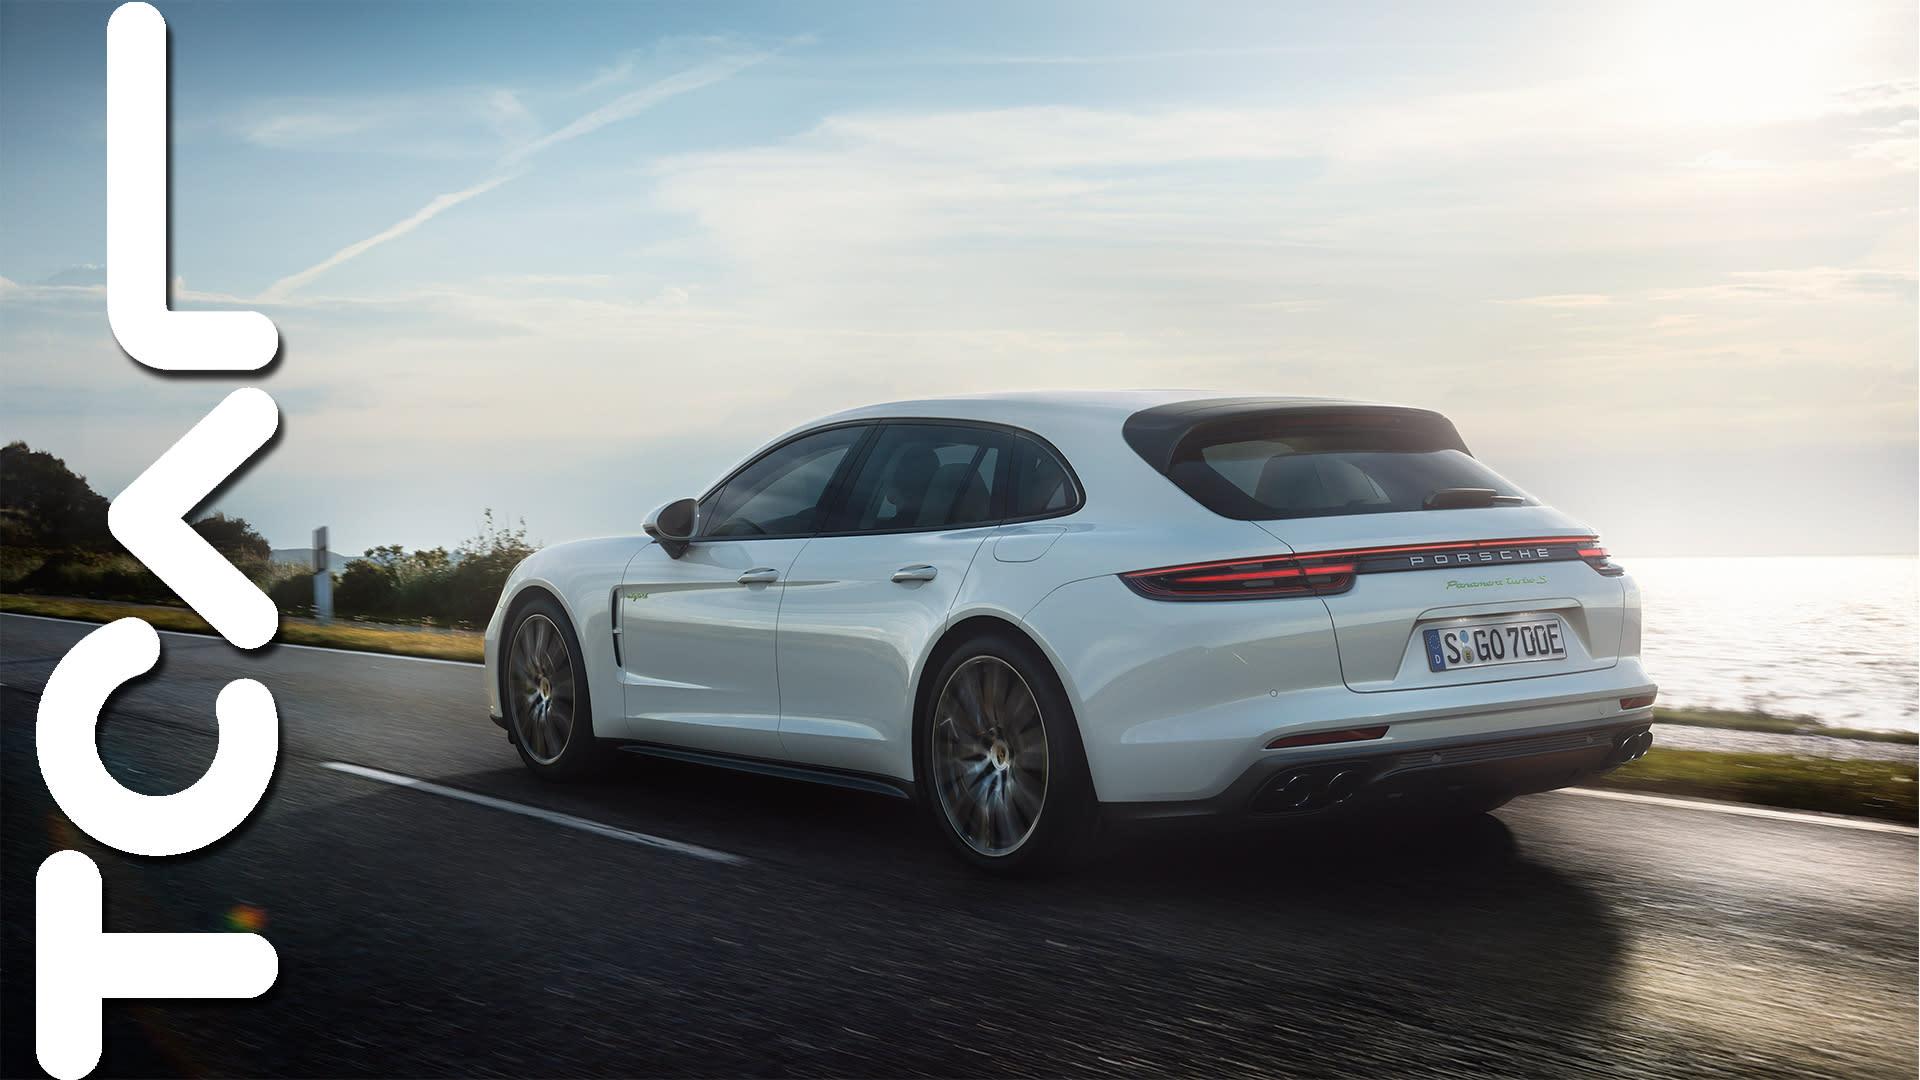 強悍美臀 Porsche Panamera Turbo S E-Hybrid Sport Turismo 海外試駕 - TCAR